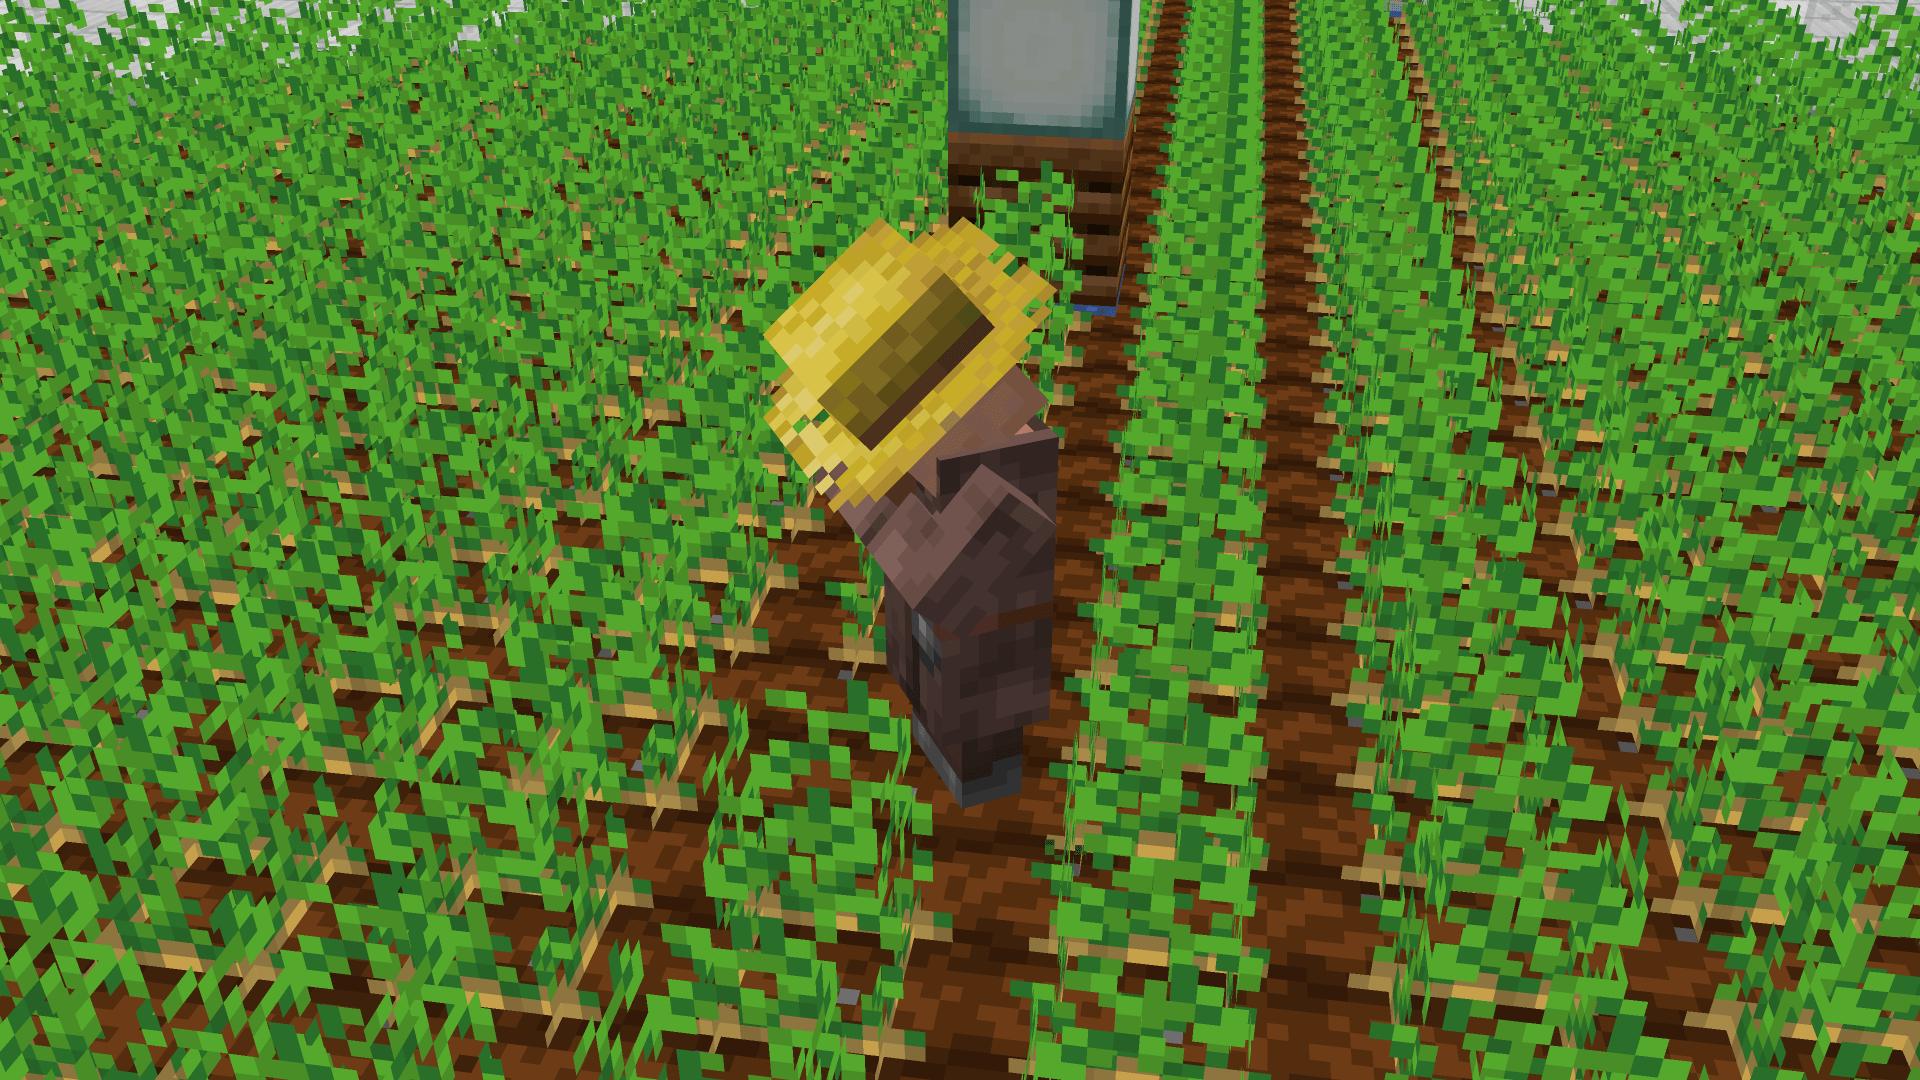 Villager impegnato a coltivare - ci servirà per far accoppiare gli (altri due) villagers di Minecraft.